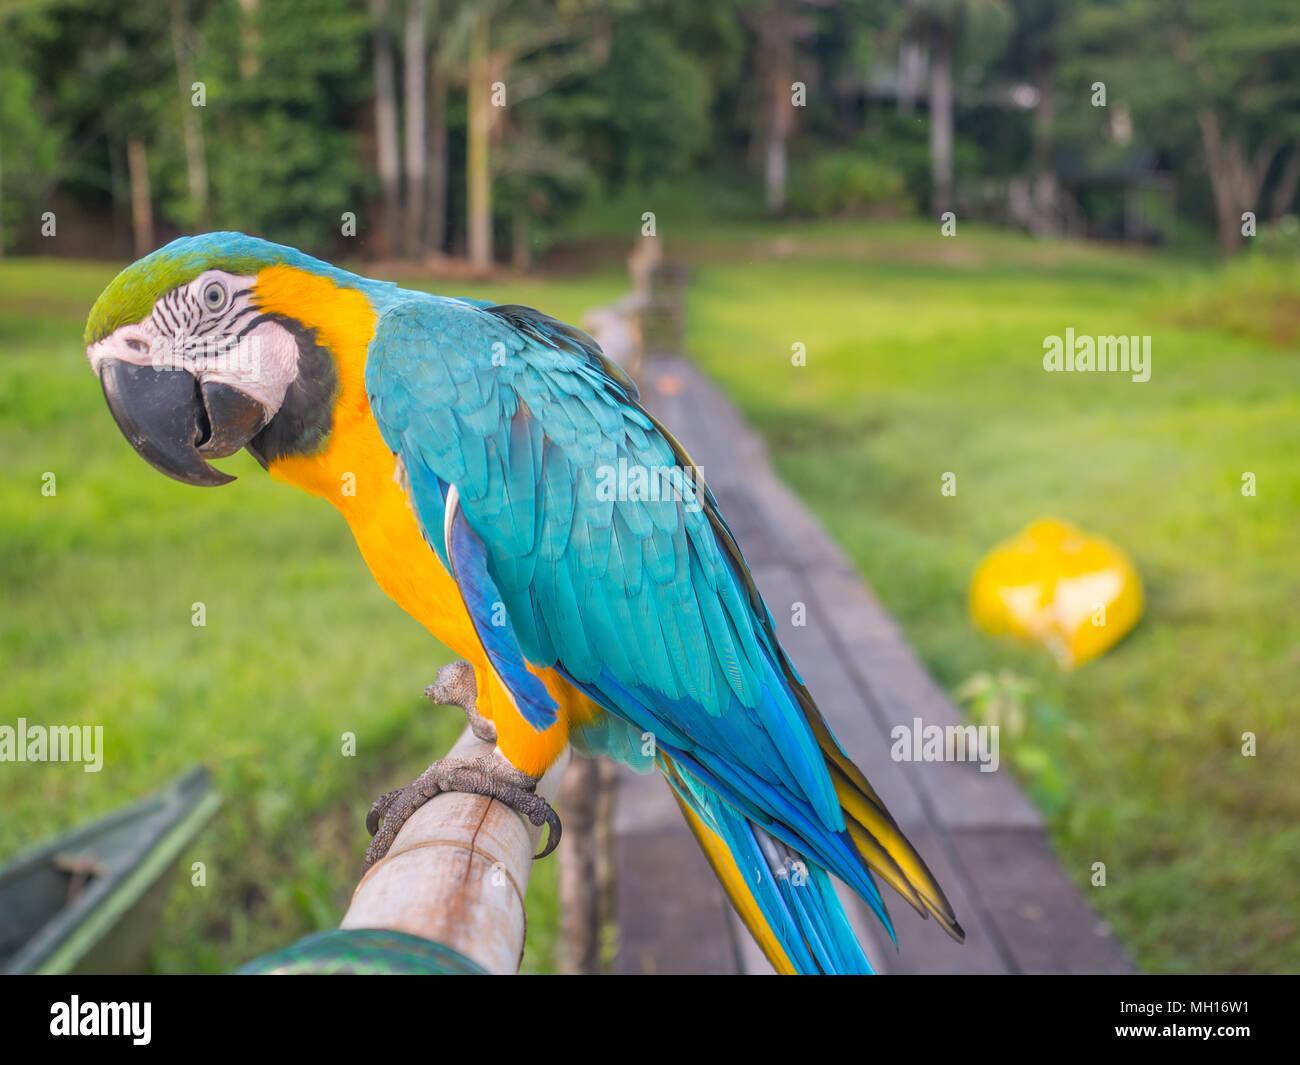 Beau, bleu et jaune (parrot macaw) dans la jungle amazonienne Photo Stock